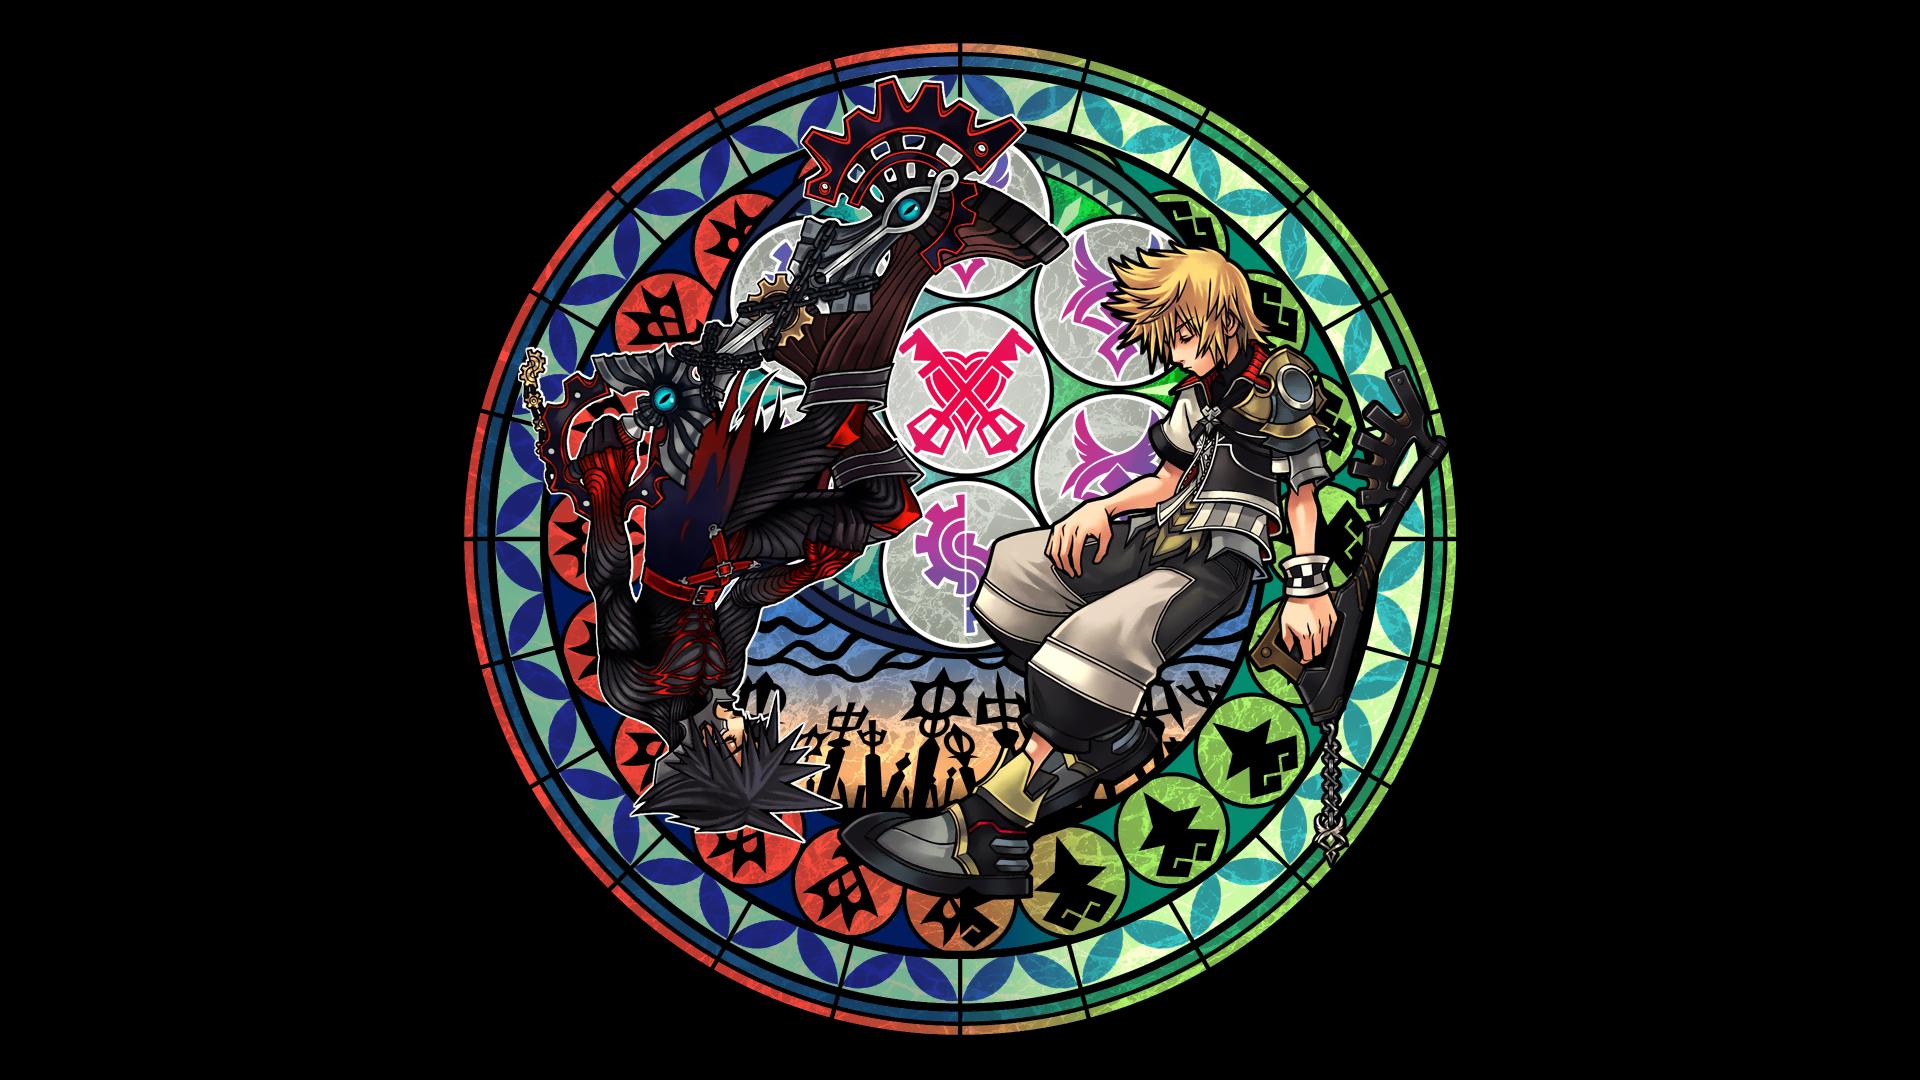 Http I 4cdn Org Wg 1425041281316 Png Heart Wallpaper Hd Kingdom Hearts Wallpaper Vanitas Kingdom Hearts